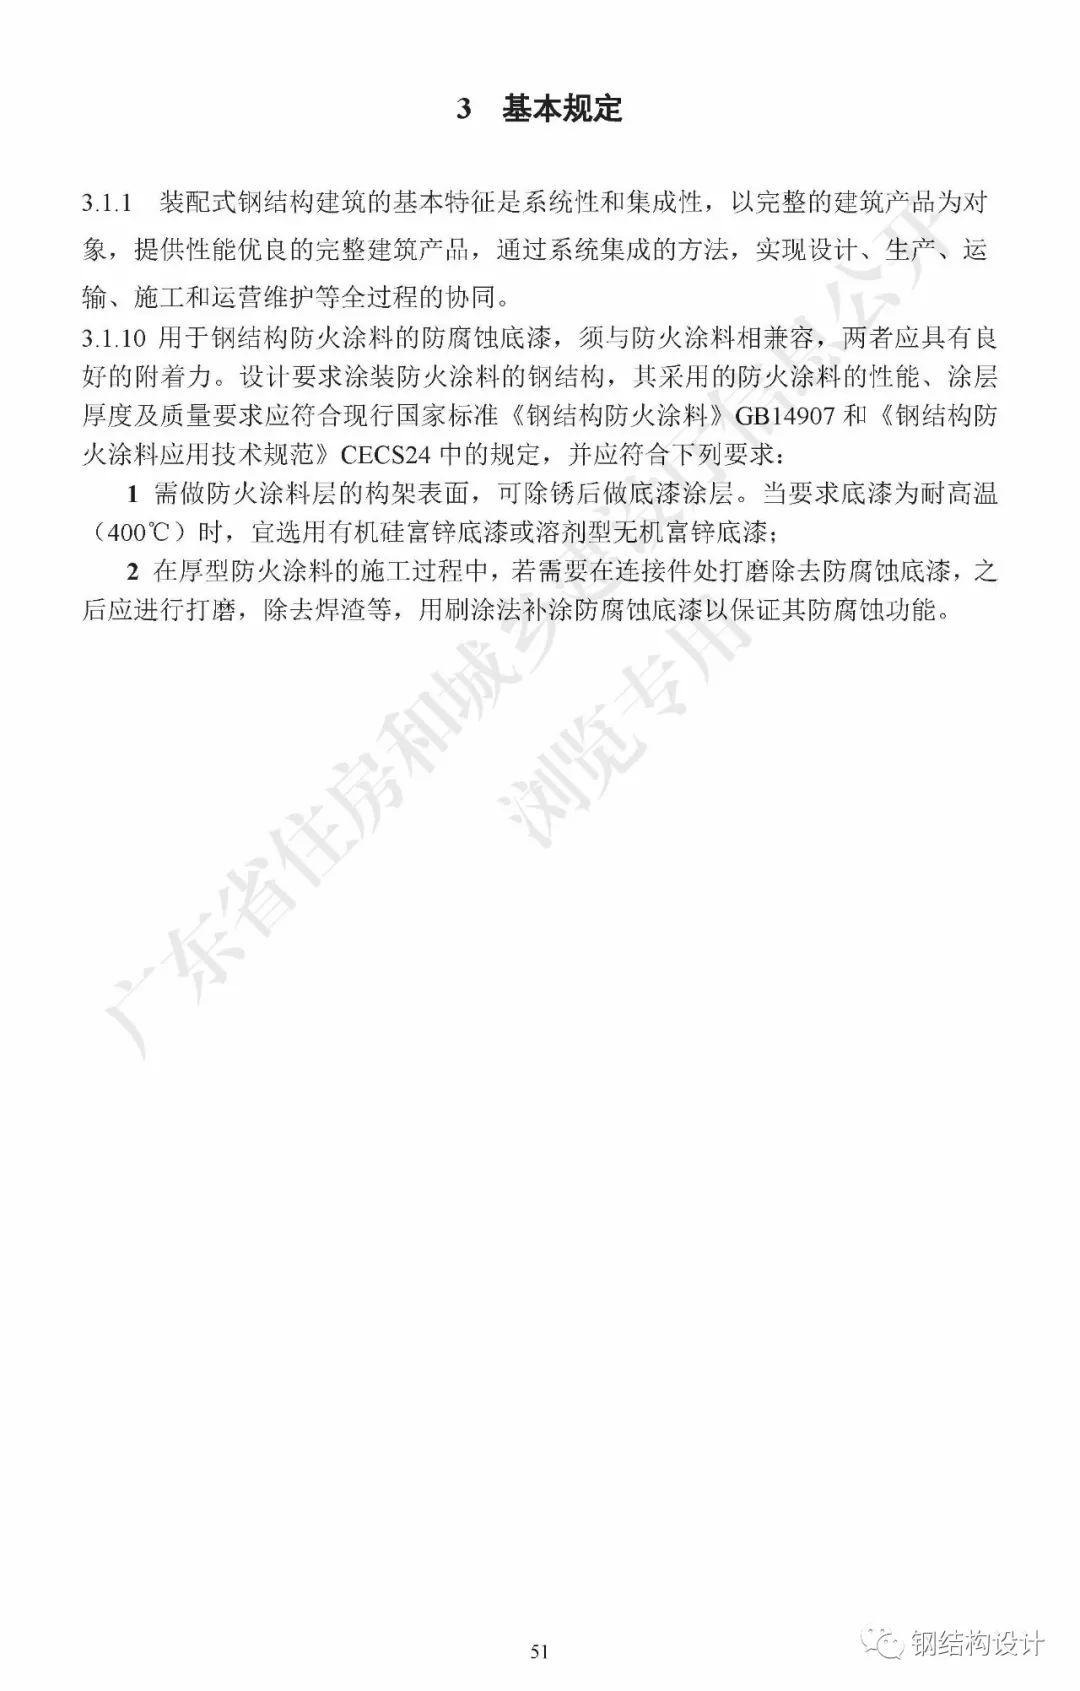 广东省《装配式钢结构建筑技术规程》发布_61